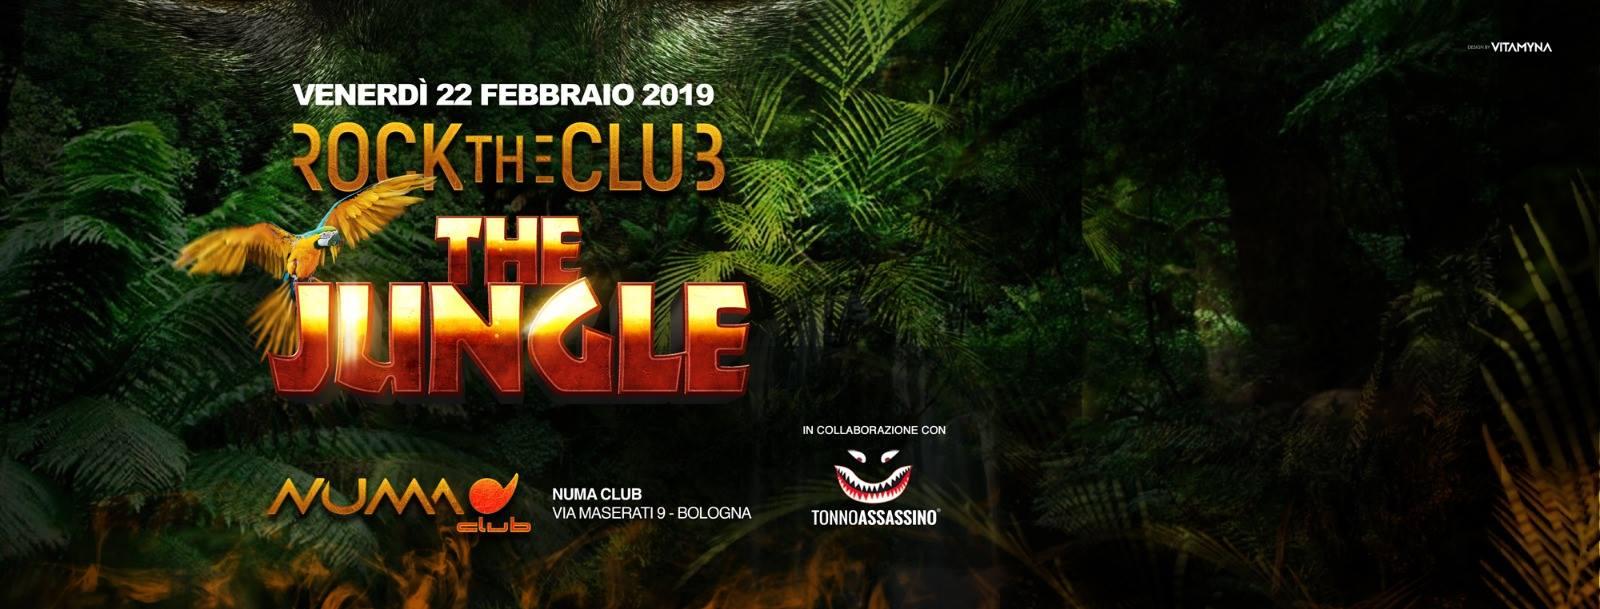 The Jungle Numa Club Bologna